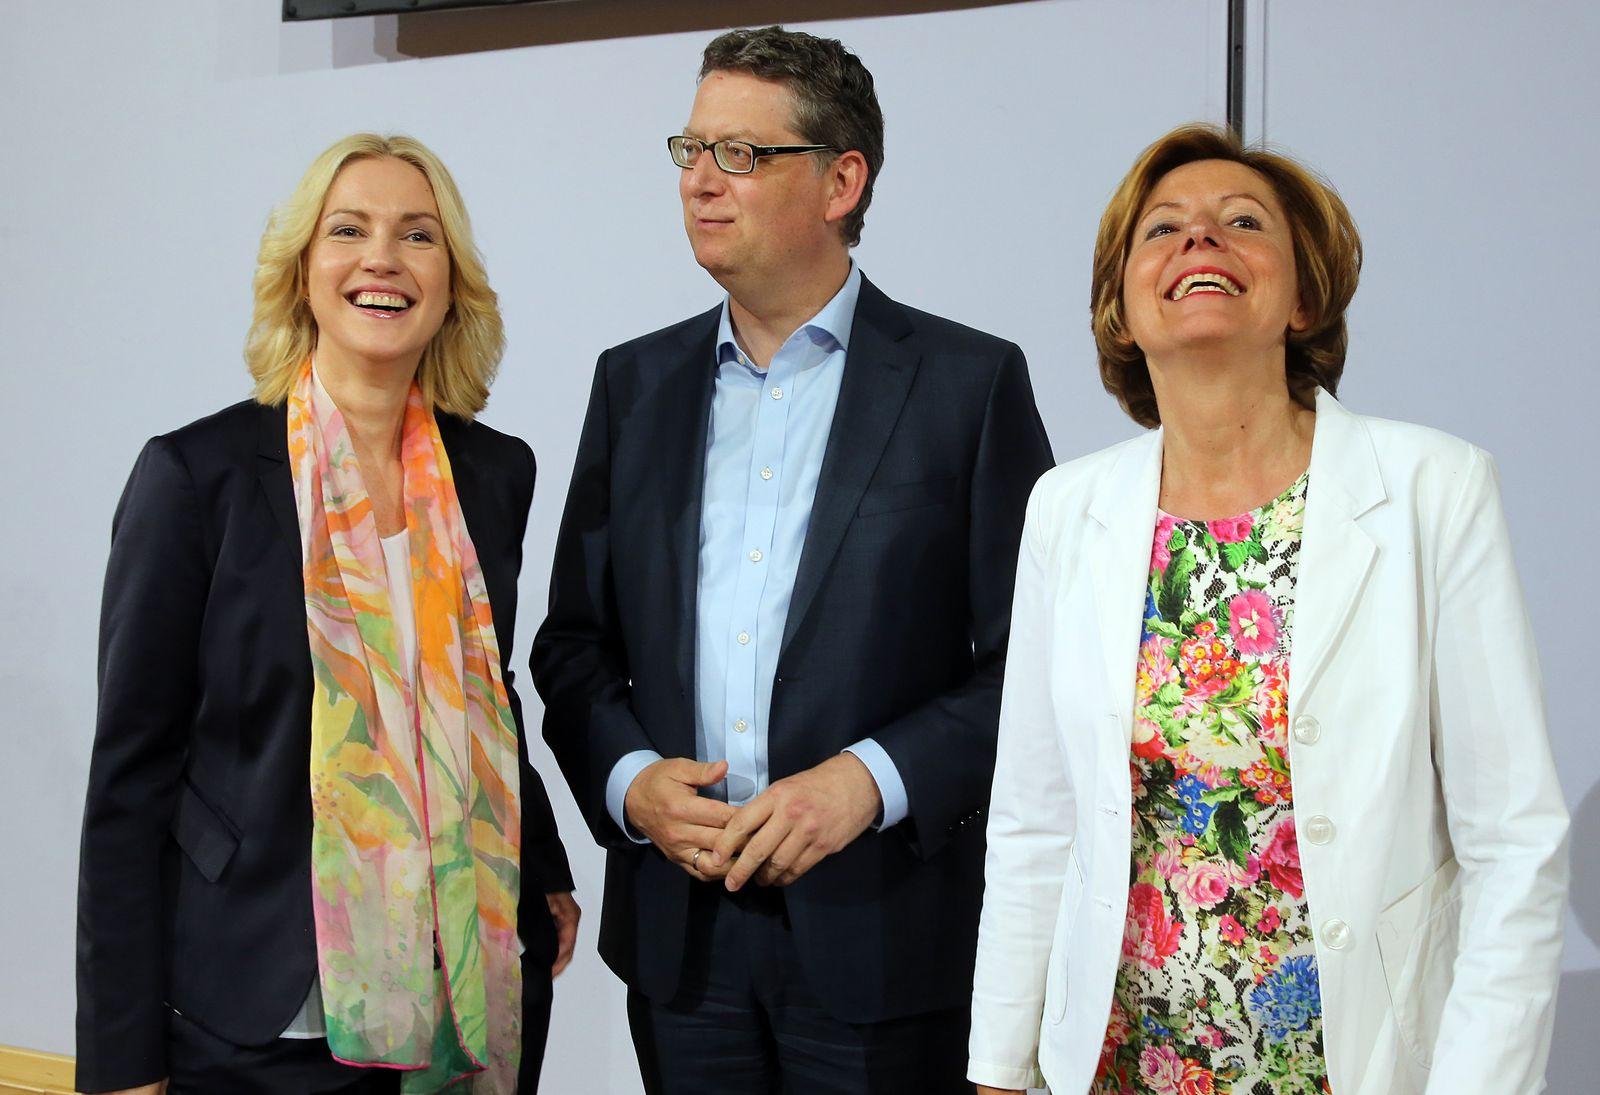 Manuela Schwesig/ Malu Dreyer/ Thorsten Schäfer-Gümbel